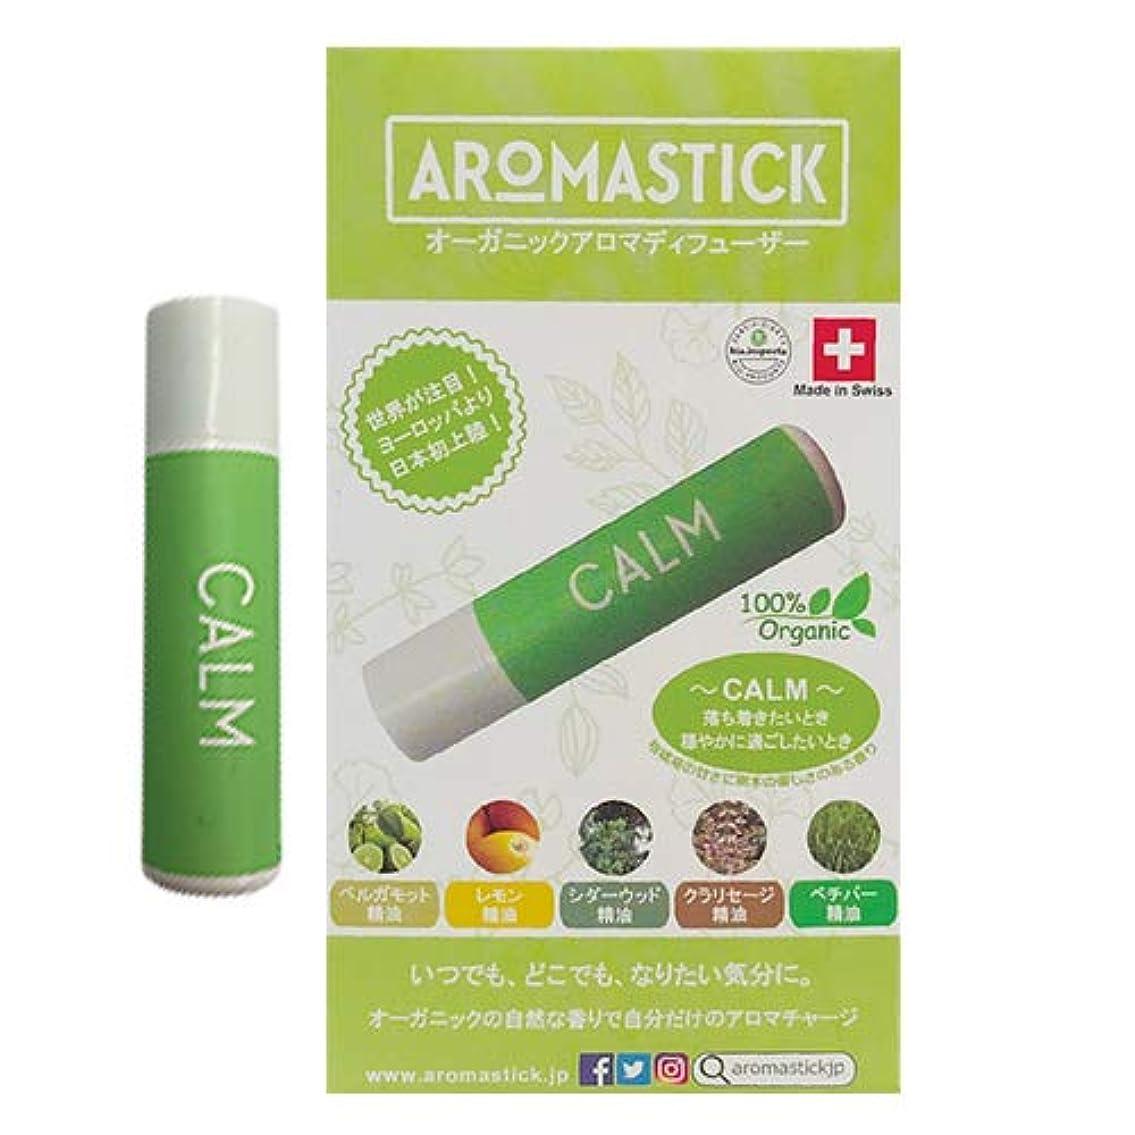 静けさポーチすばらしいですオーガニックアロマディフューザー アロマスティック(aromastick) カーム [CALM]×2個セット